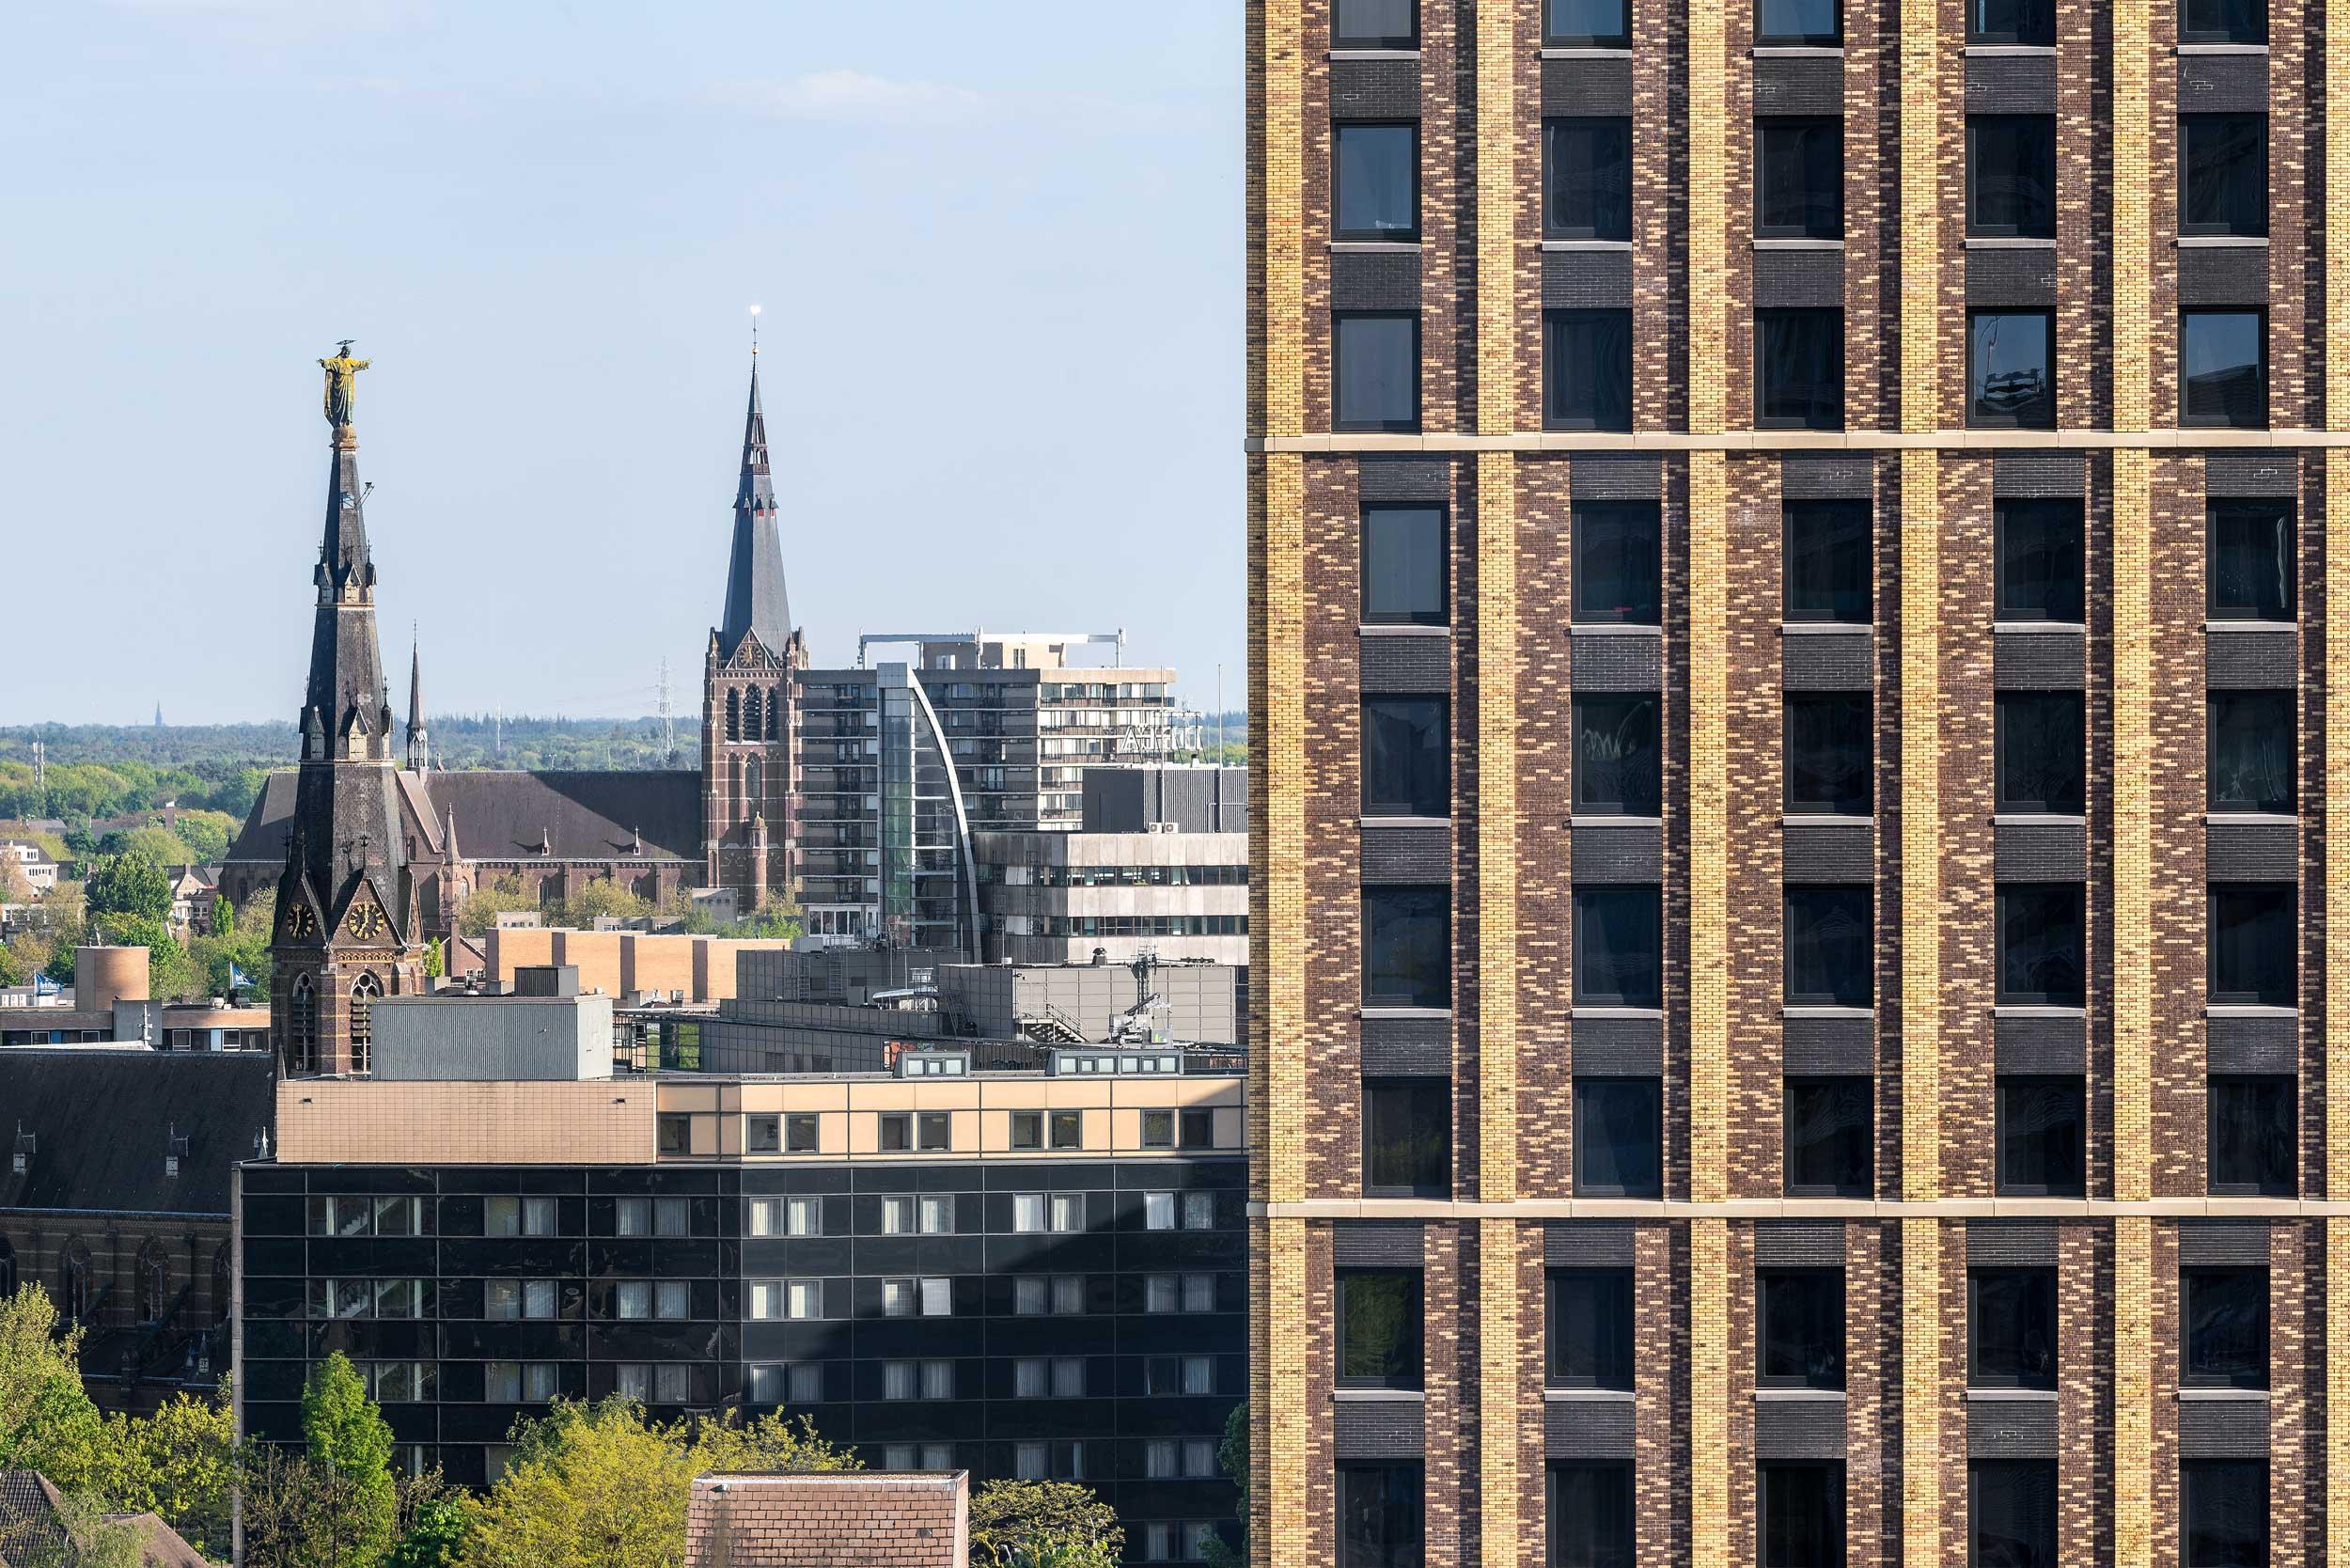 Student Hotel Eindhoven - Architectuurfotograaf Chiel de Nooyer